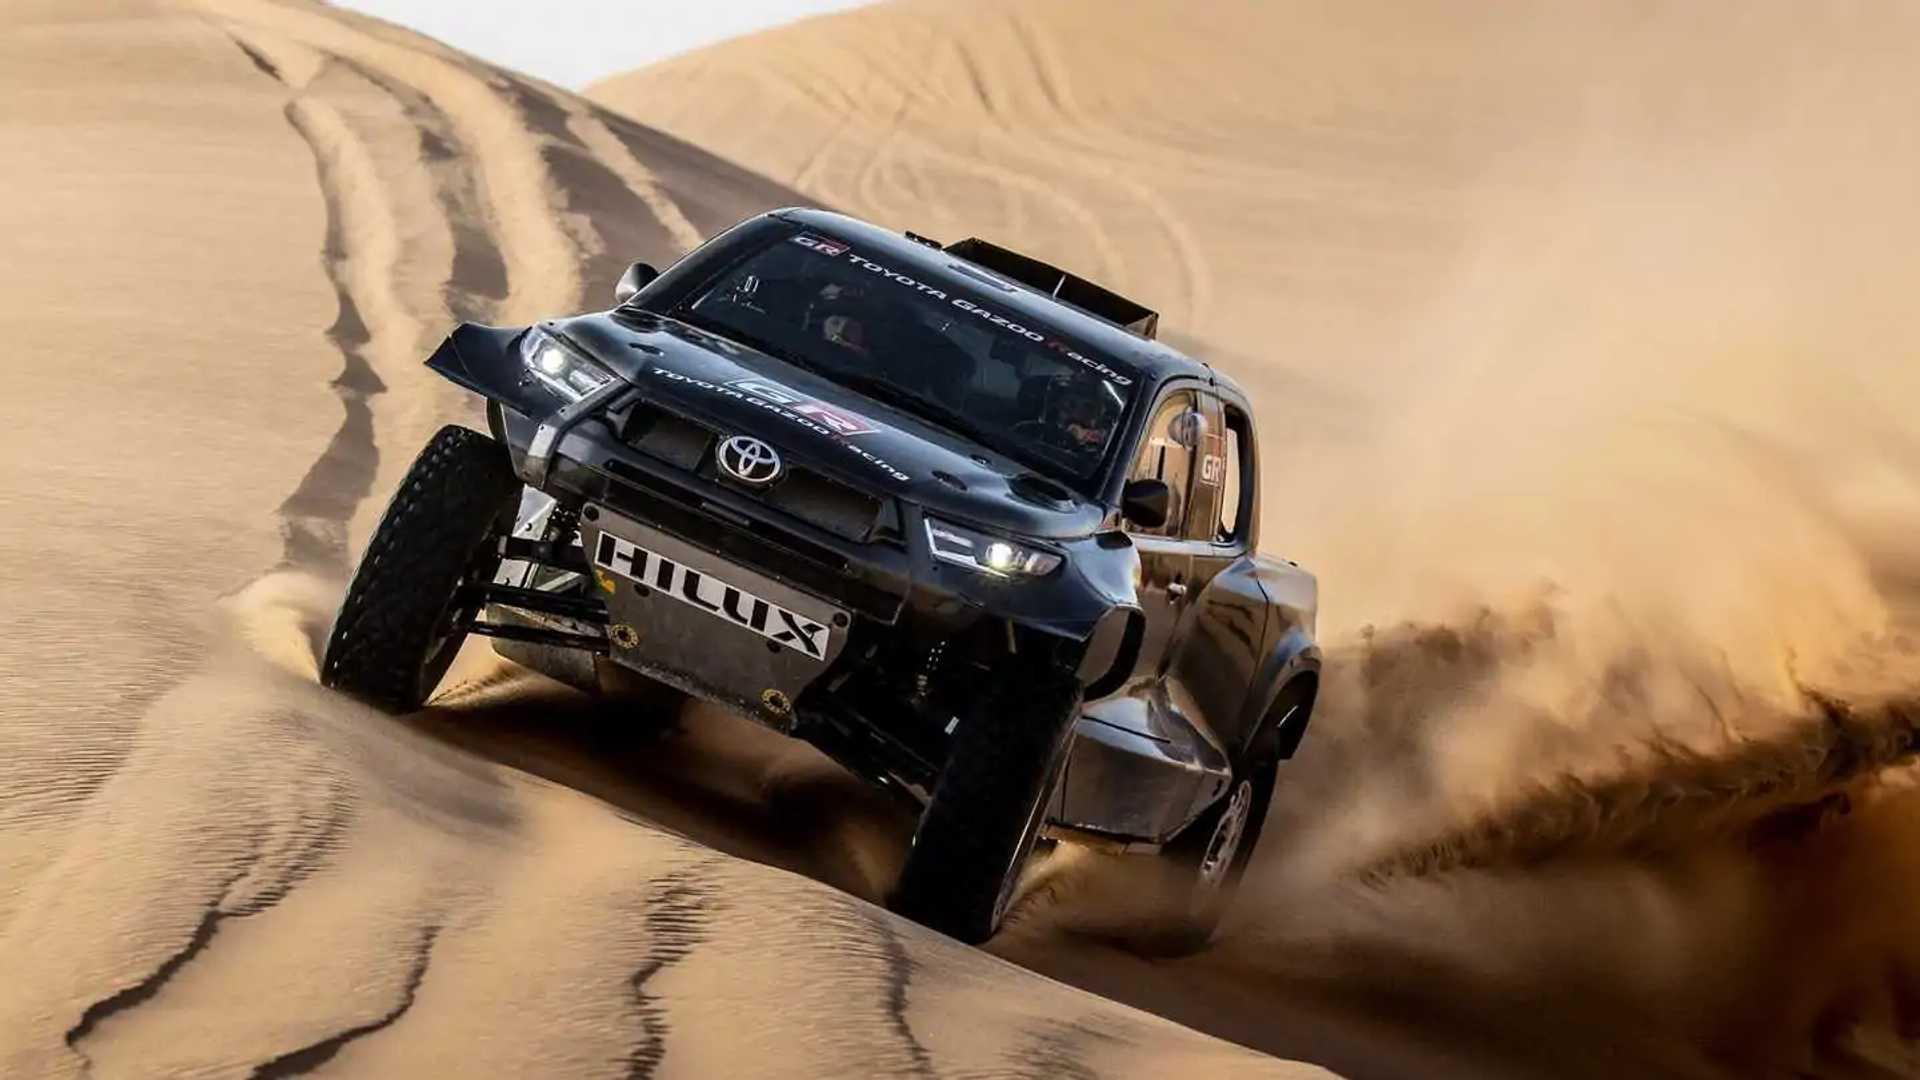 Toyota GR DKR Hilux T1+ for Dakar 2022 Dirt